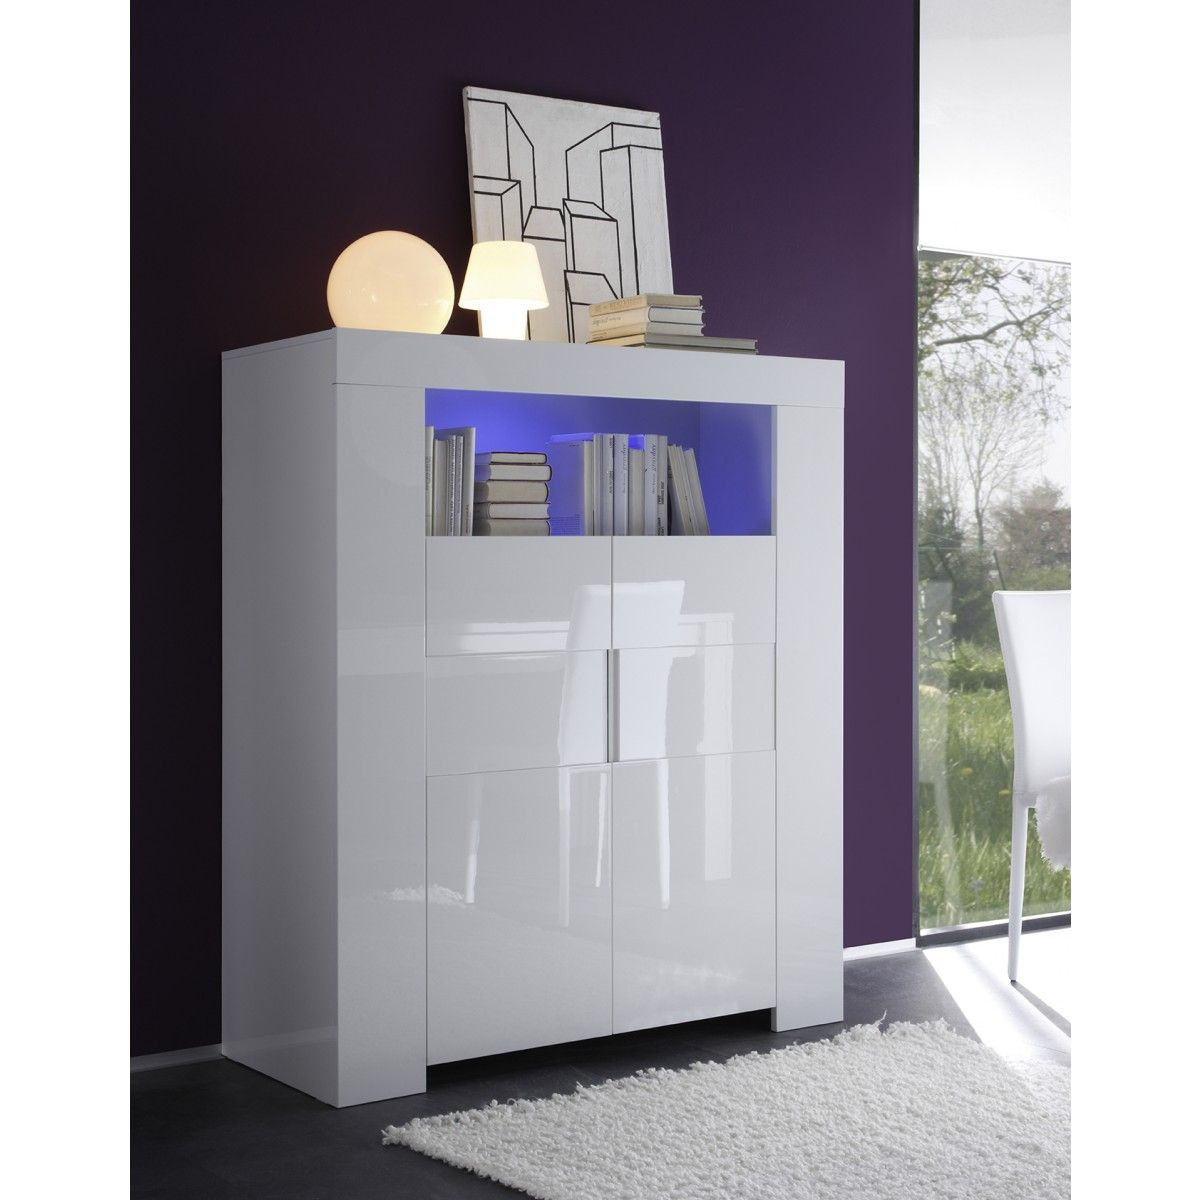 Tonnant Meuble Laqu Blanc D Coration Fran Aise Pinterest  # Meuble Haut Pour Salon Blanc Laque